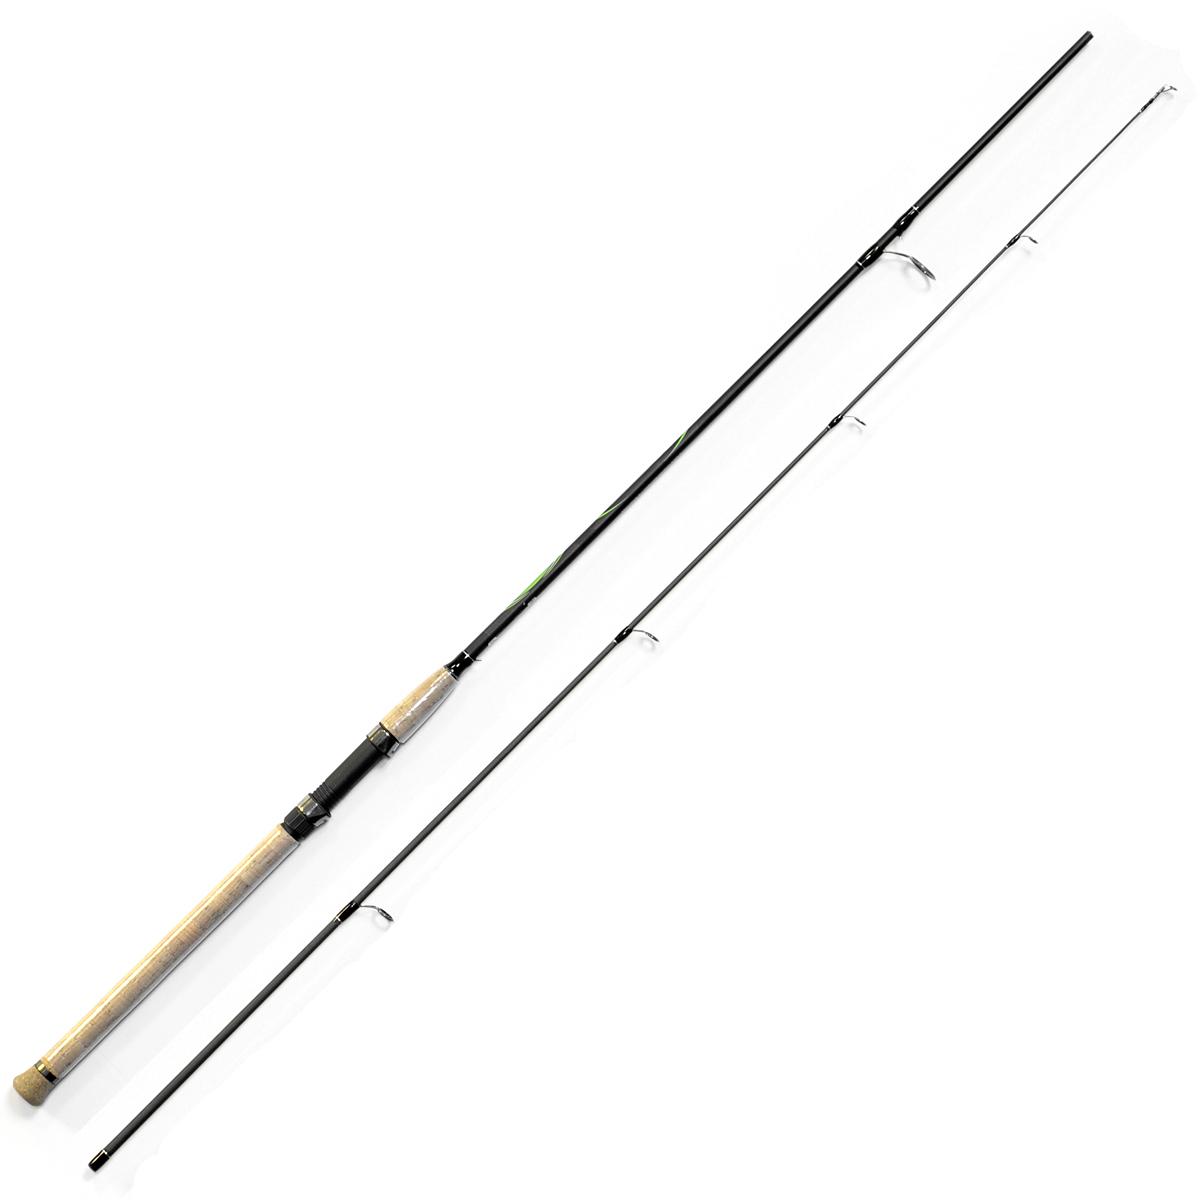 Спиннинг Salmo Sniper SPIN 20 2.70, длина 2,7м, 5-20г2134-270Универсальный спиннинг средне-быстрого строя для ловли на различные приманки, изготовленный из композита. Бланк спиннинга укомплектован облегченными кольцами, на высоких ножках со вставками SIC и элегантной рукояткой с пробковым покрытием и облегченным буфером на торце. Соединение колен спиннинга по типу OVER STEEK. Все спиннинги имеют один тест: 5–20 г. - Материал бланка удилища - композит - Строй бланка средне-быстрый - Класс спиннинга ML - Конструкция штекерная - Соединение колен типа OVER STEEK - Кольца пропускные: – облегченные большое – со вставками SIC – с расстановкой по классической концепции - Рукоятка: – пробковая - Катушкодержатель: – винтового типа - Проволочная петля для закрепления приманок